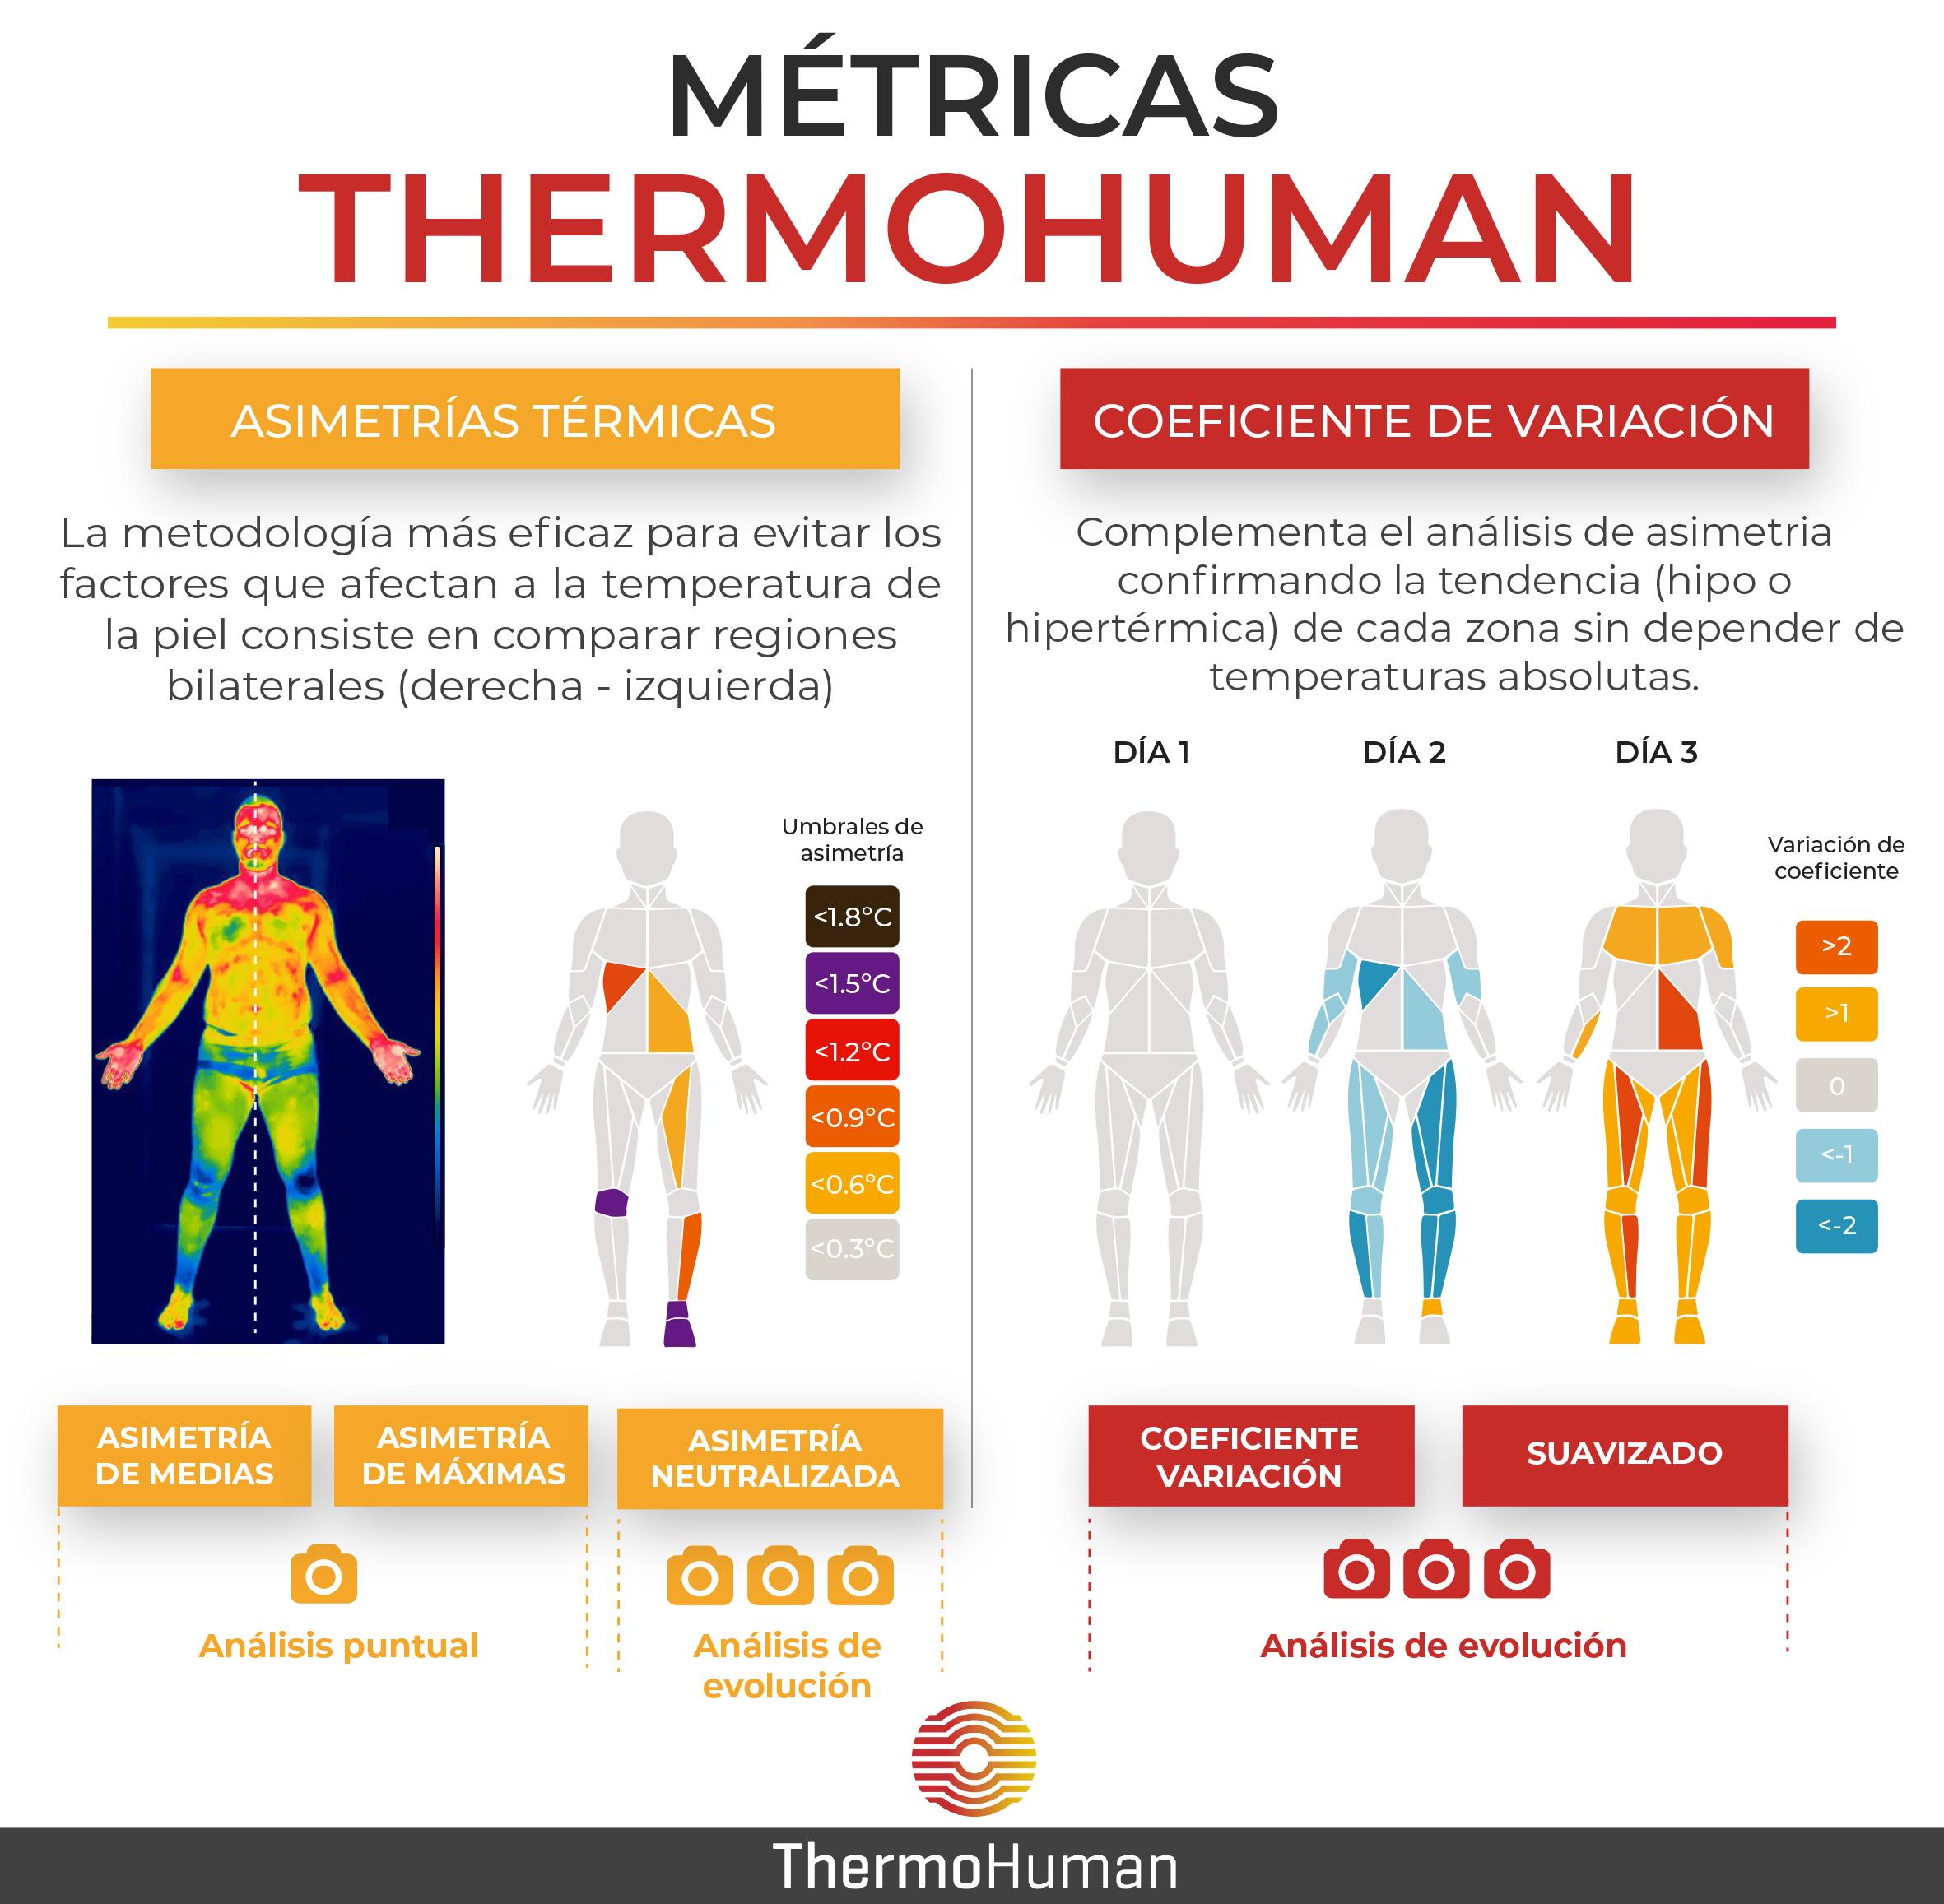 ¿Cómo puedo utilizar las métricas de ThermoHuman?